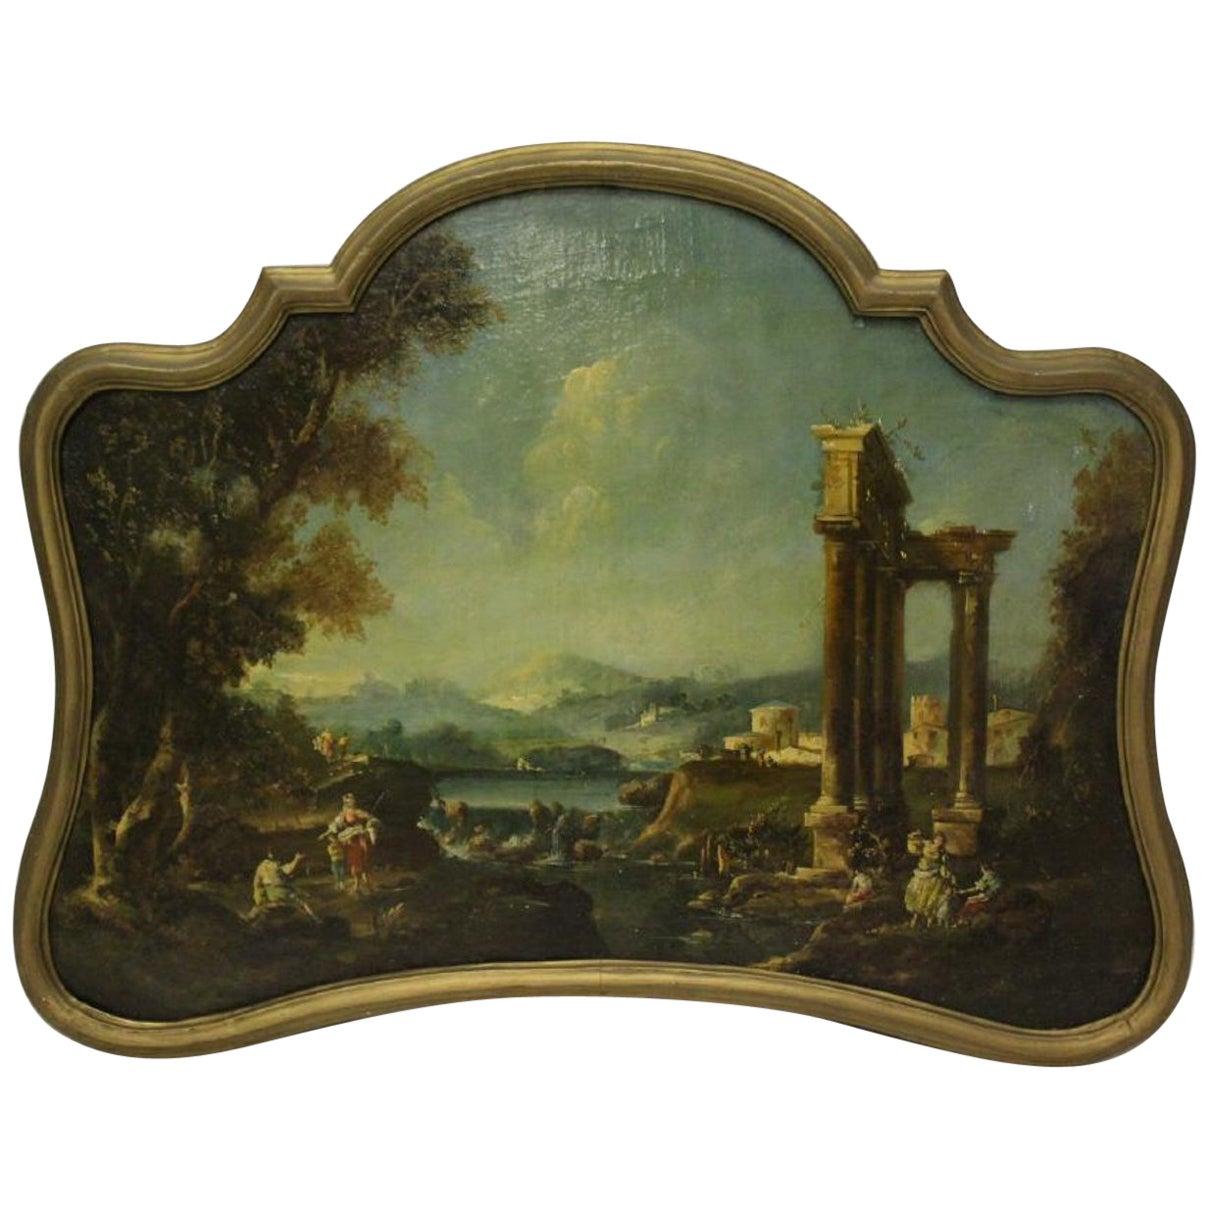 18th Century Italian School Oil on Canvas Painting